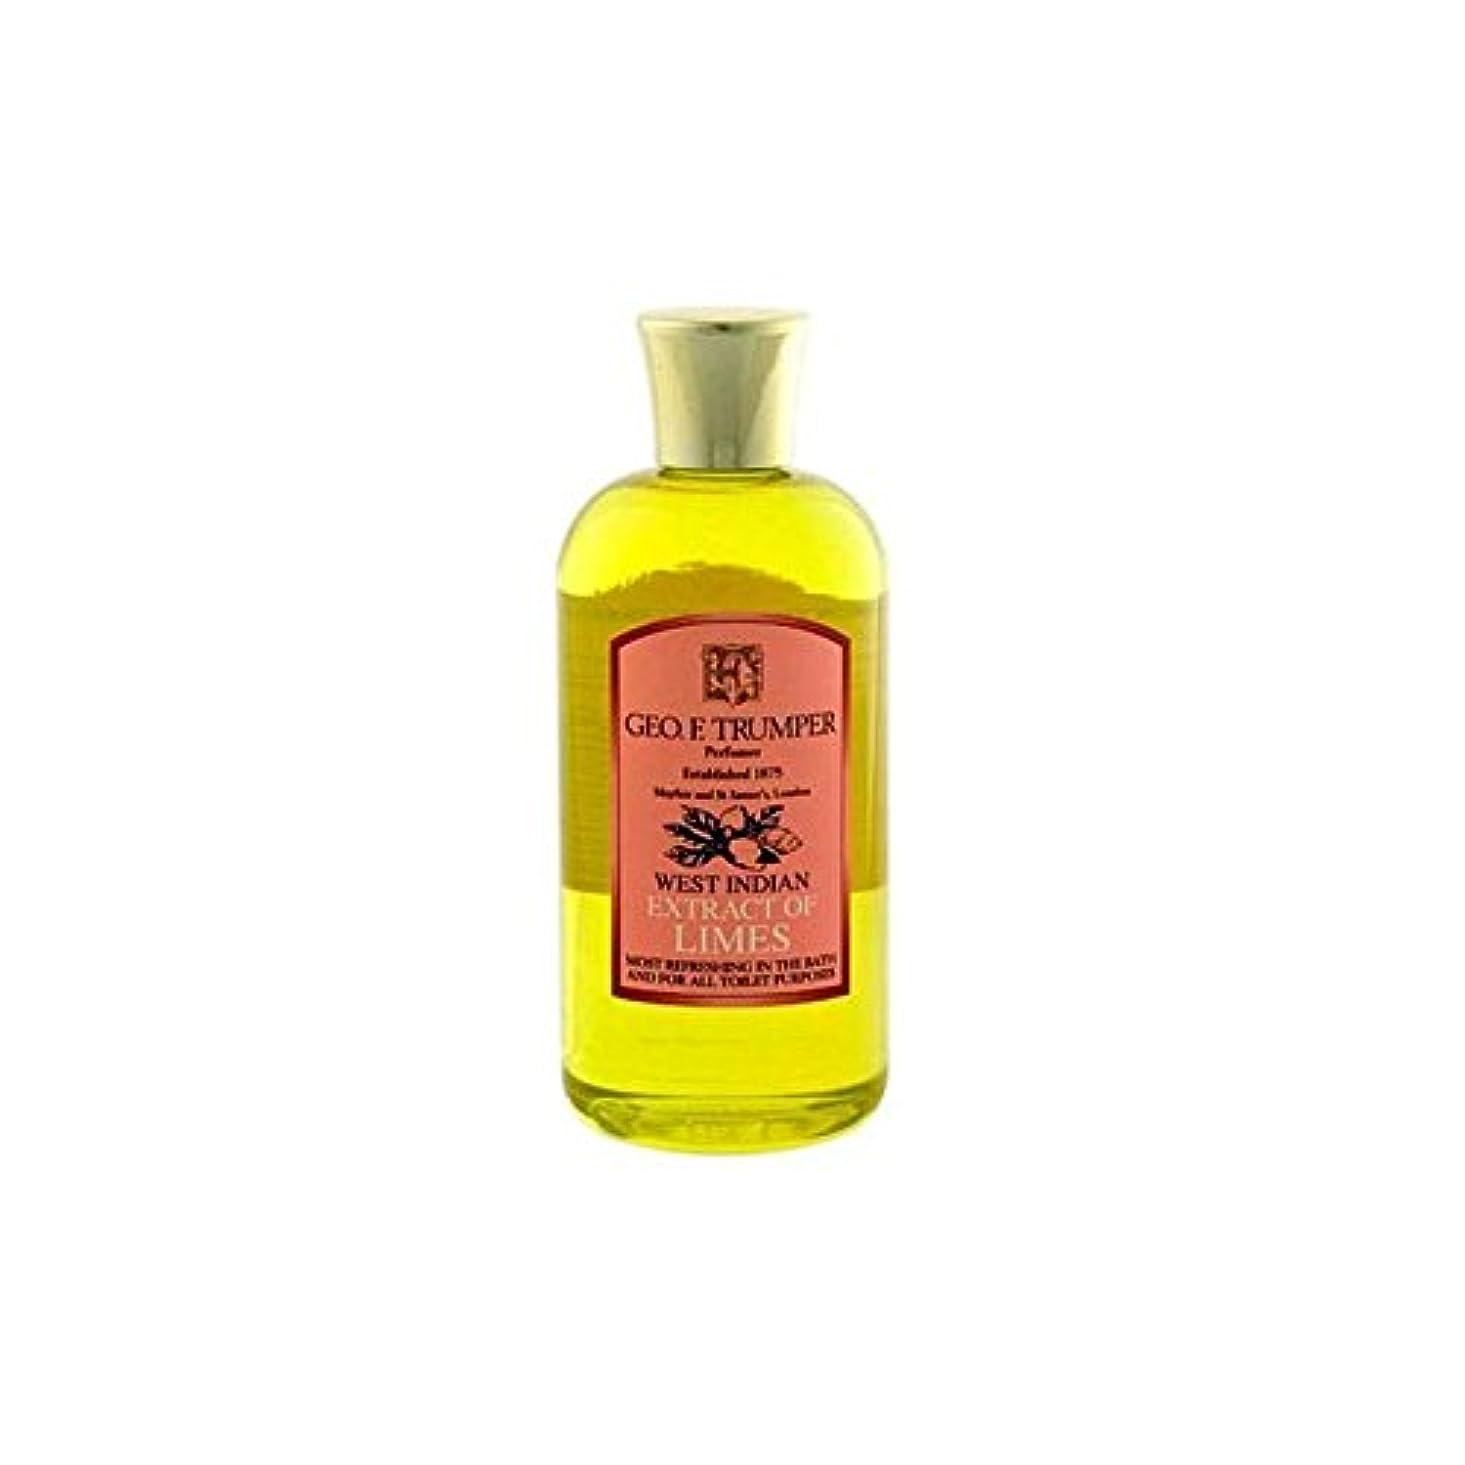 廃止談話放つTrumpers Extracts of Limes Bath and Shower Gel 200ml - ライムのバスタブとシャワージェル200の抽出物を [並行輸入品]